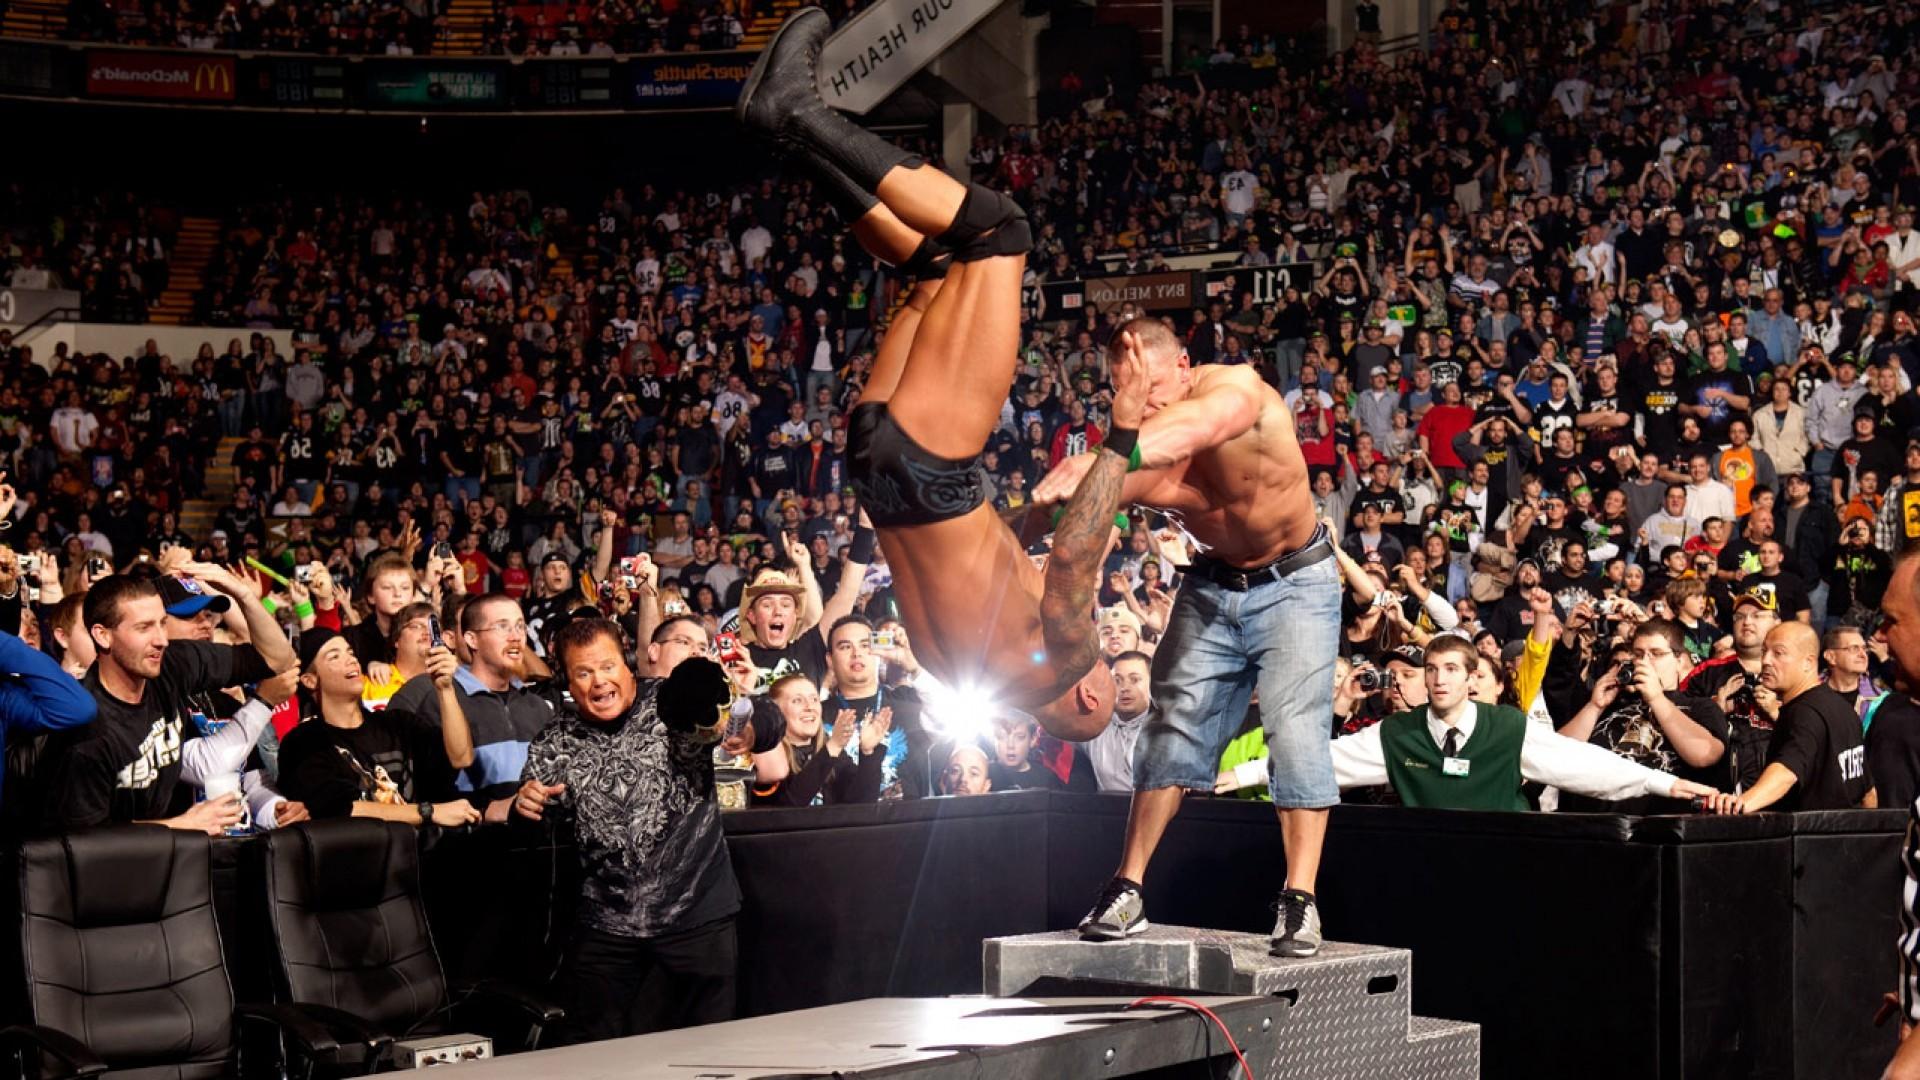 John-Cena-Fight-Against-The-Rock-WWE-Wrestling-